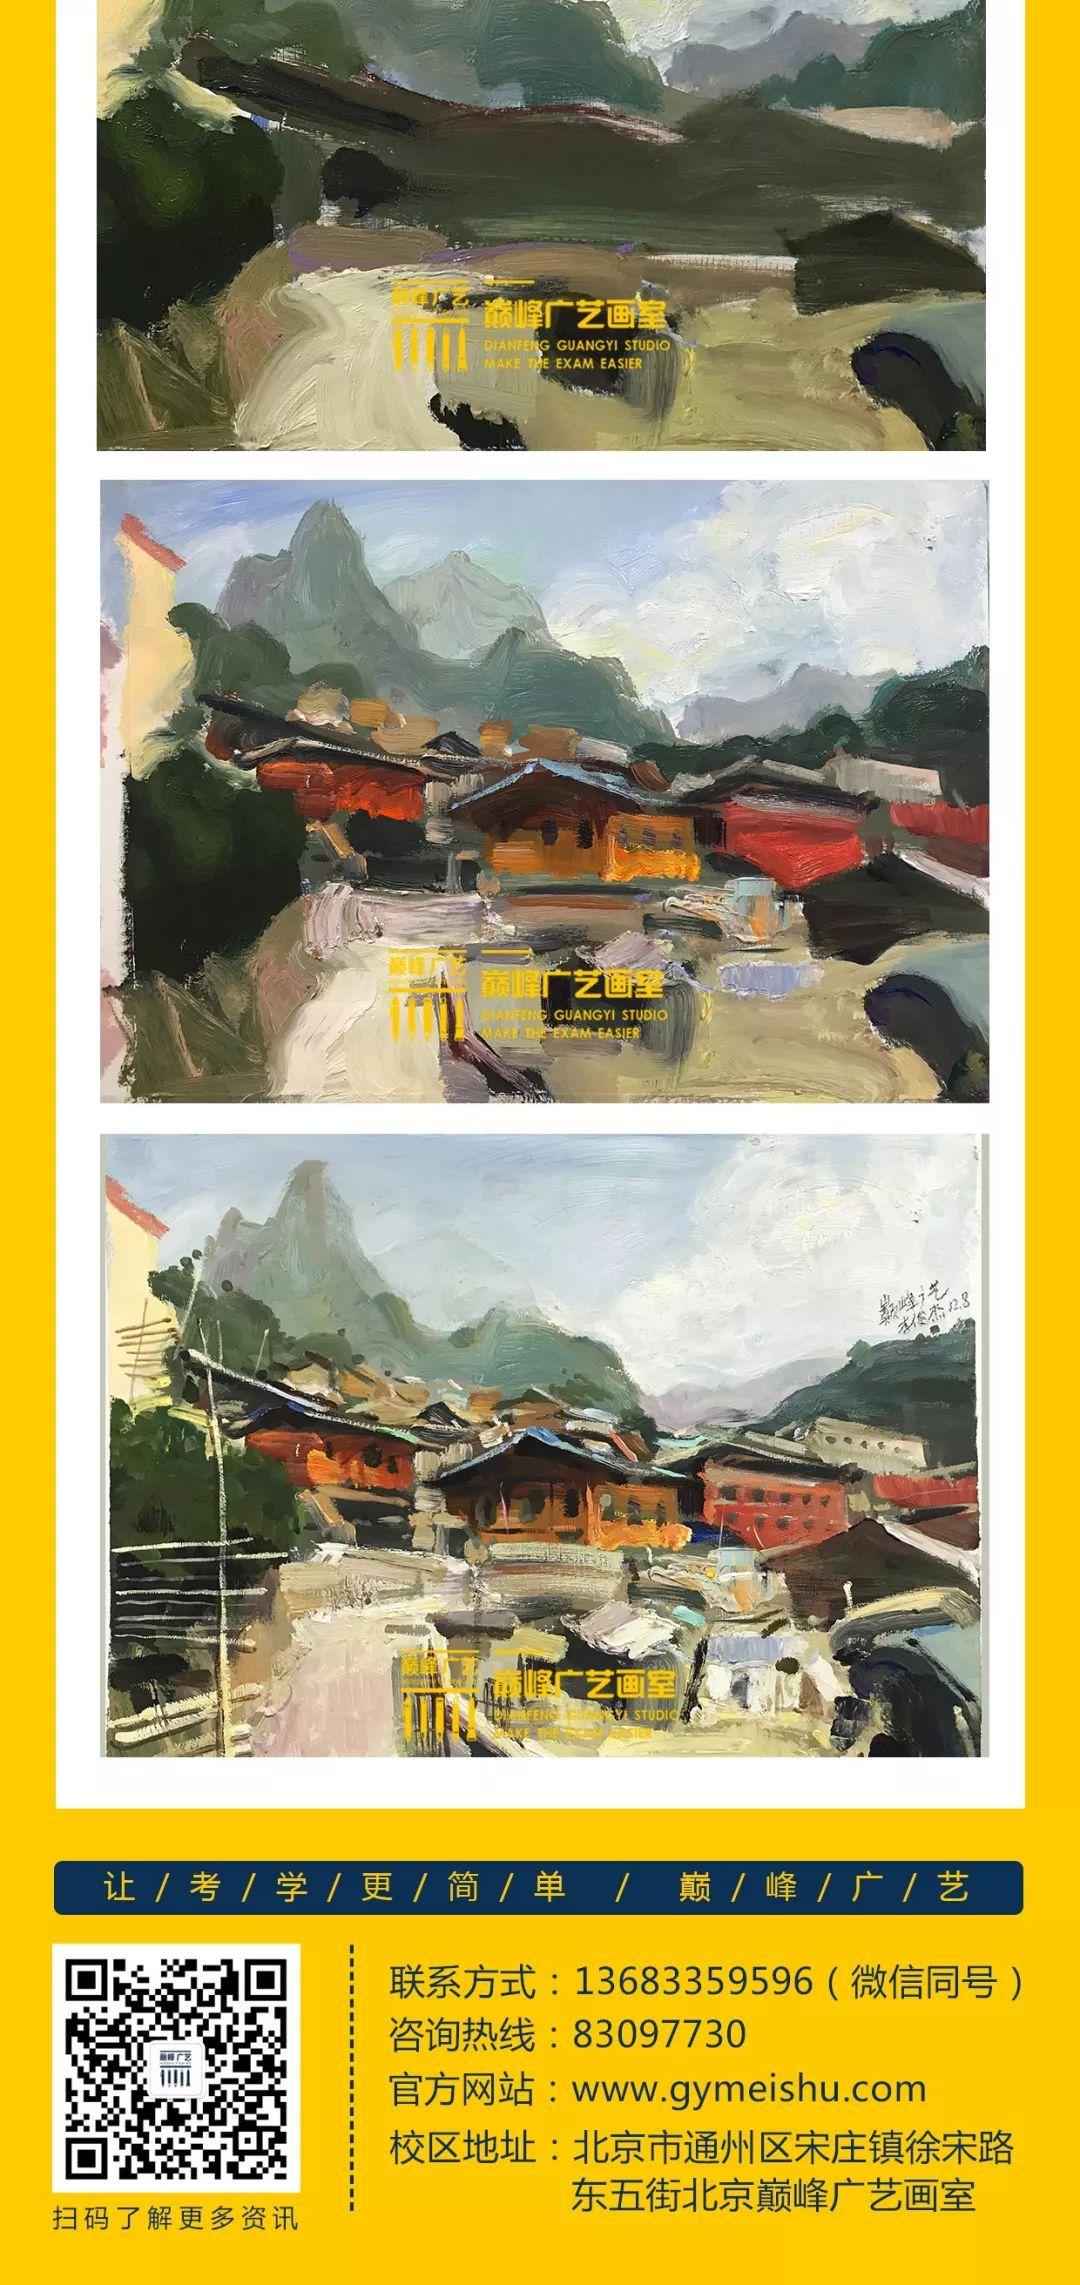 美术联考战绩,北京巅峰广艺画室,北京美术联考      14